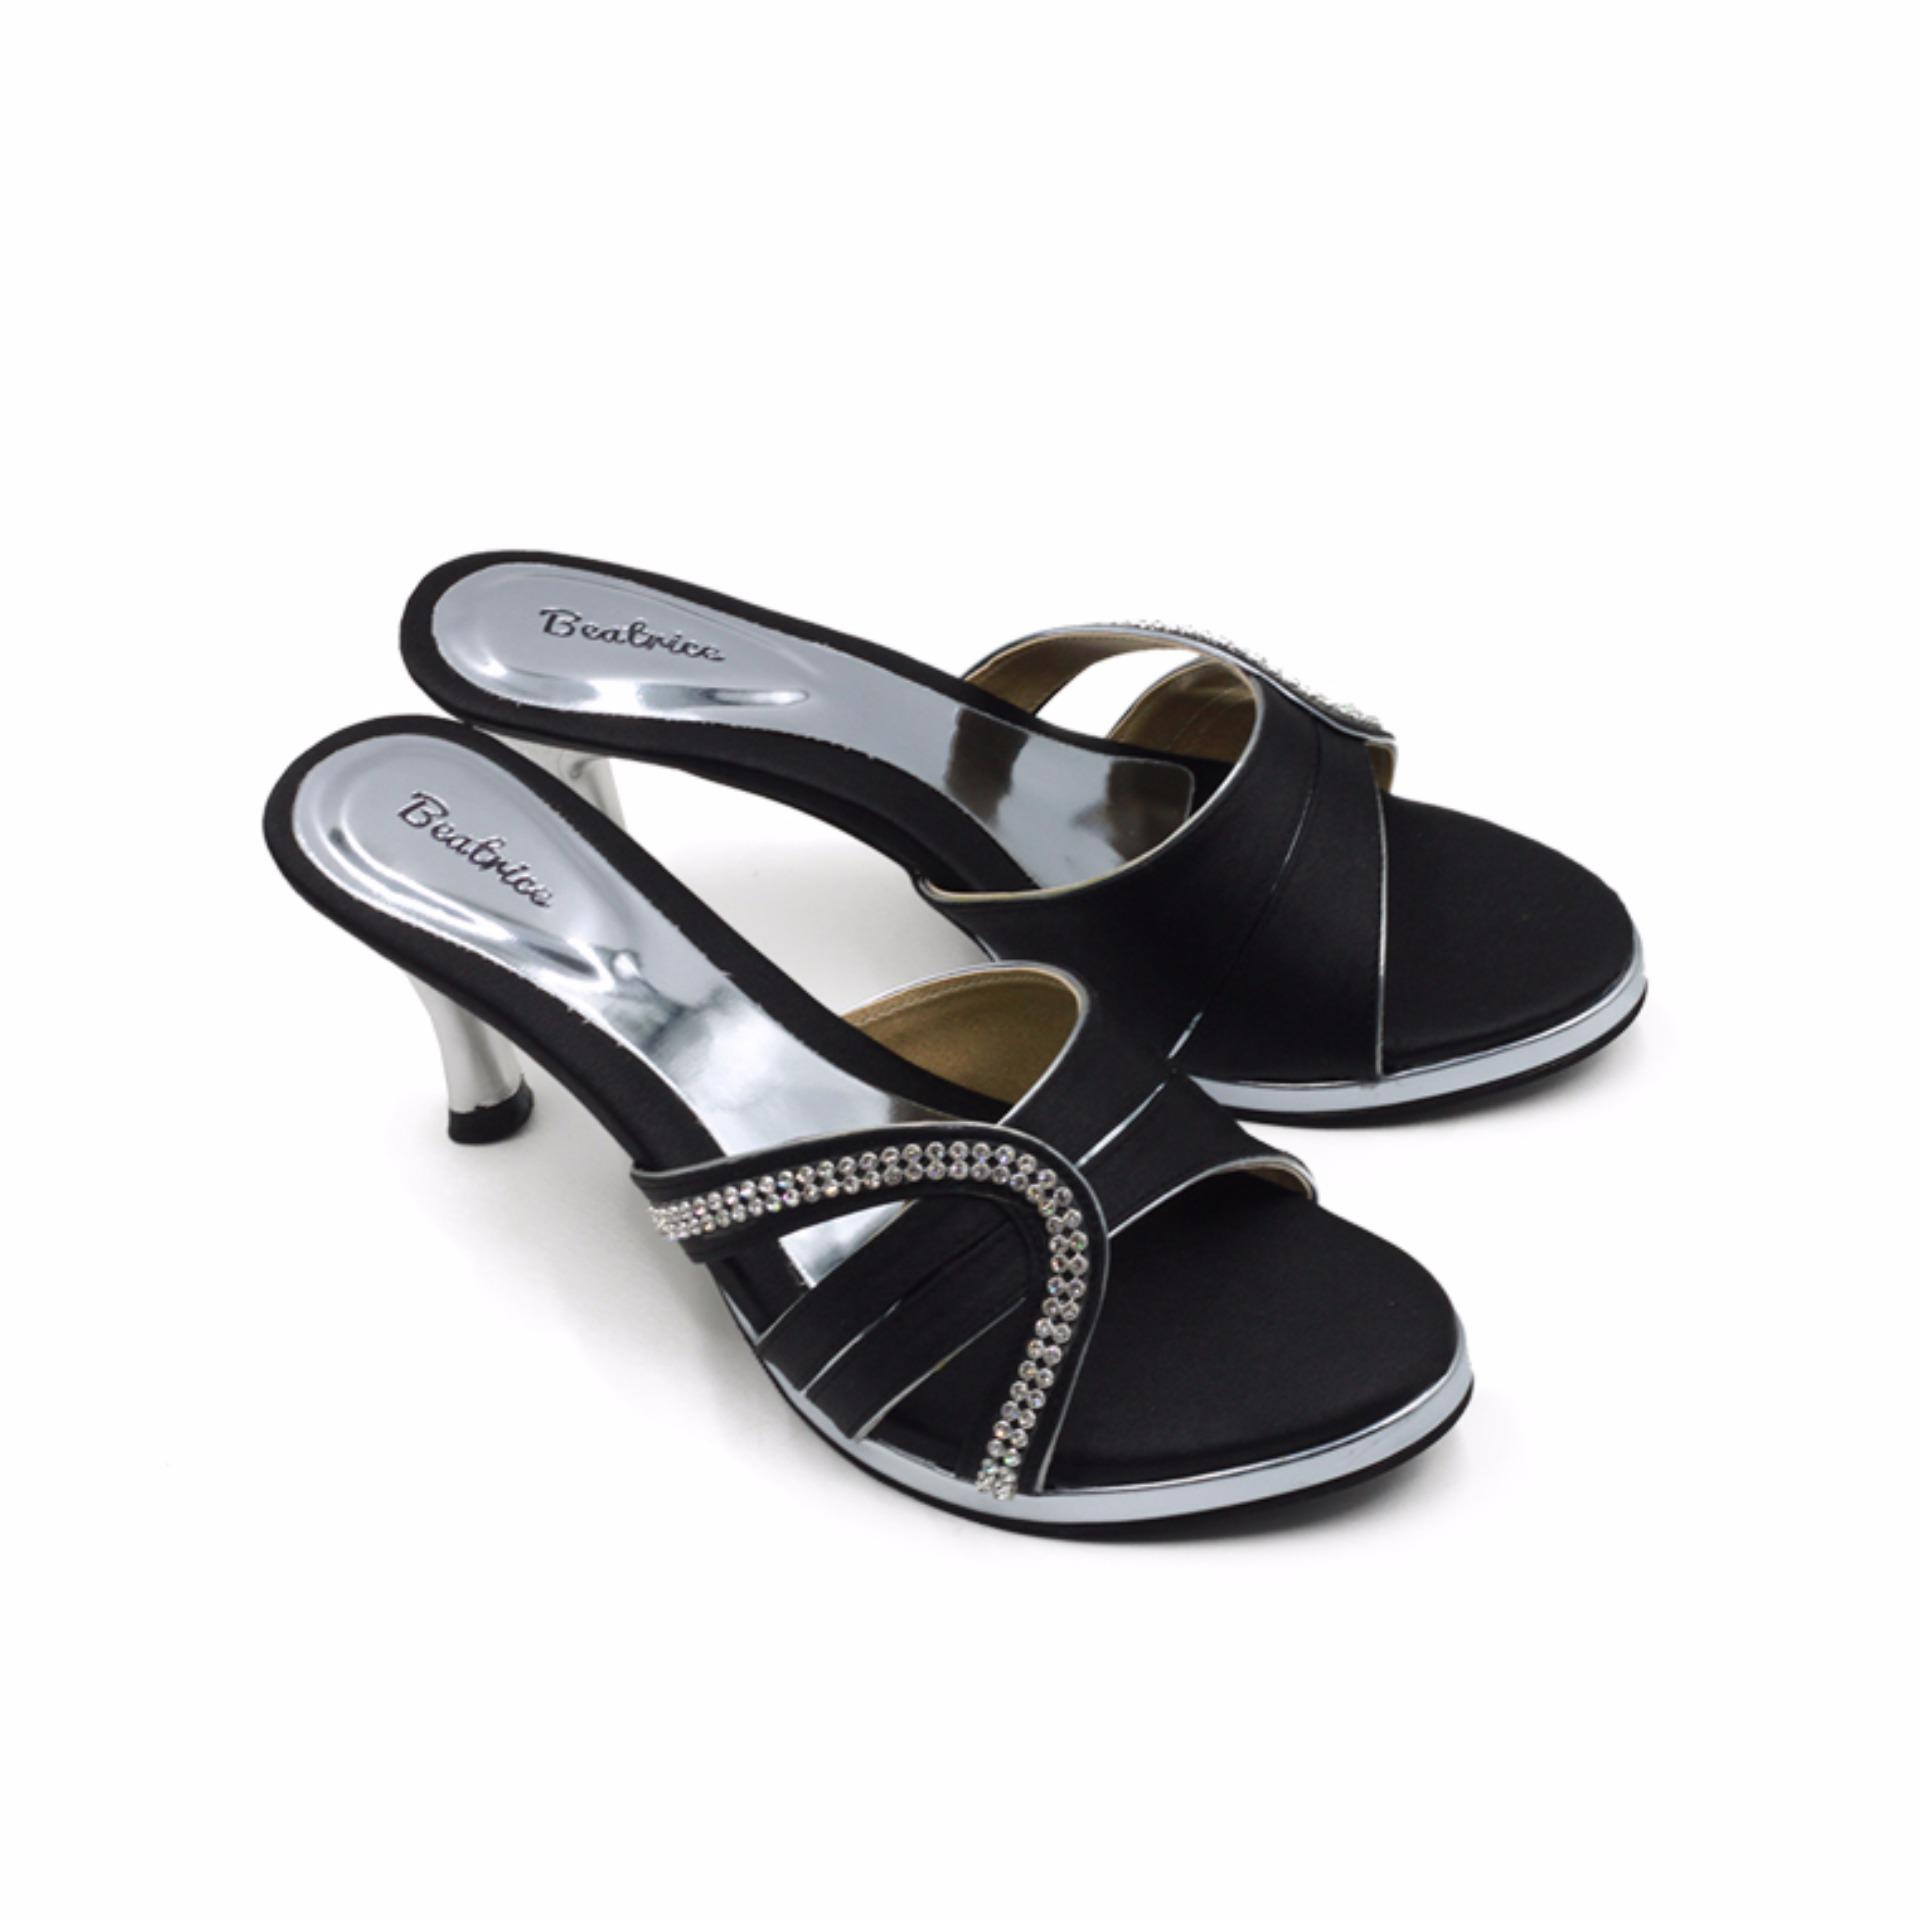 Harga Beatrice Heel Sandals Hak 7 Cm Md 705 Hitam 36 41 Beatrice Asli